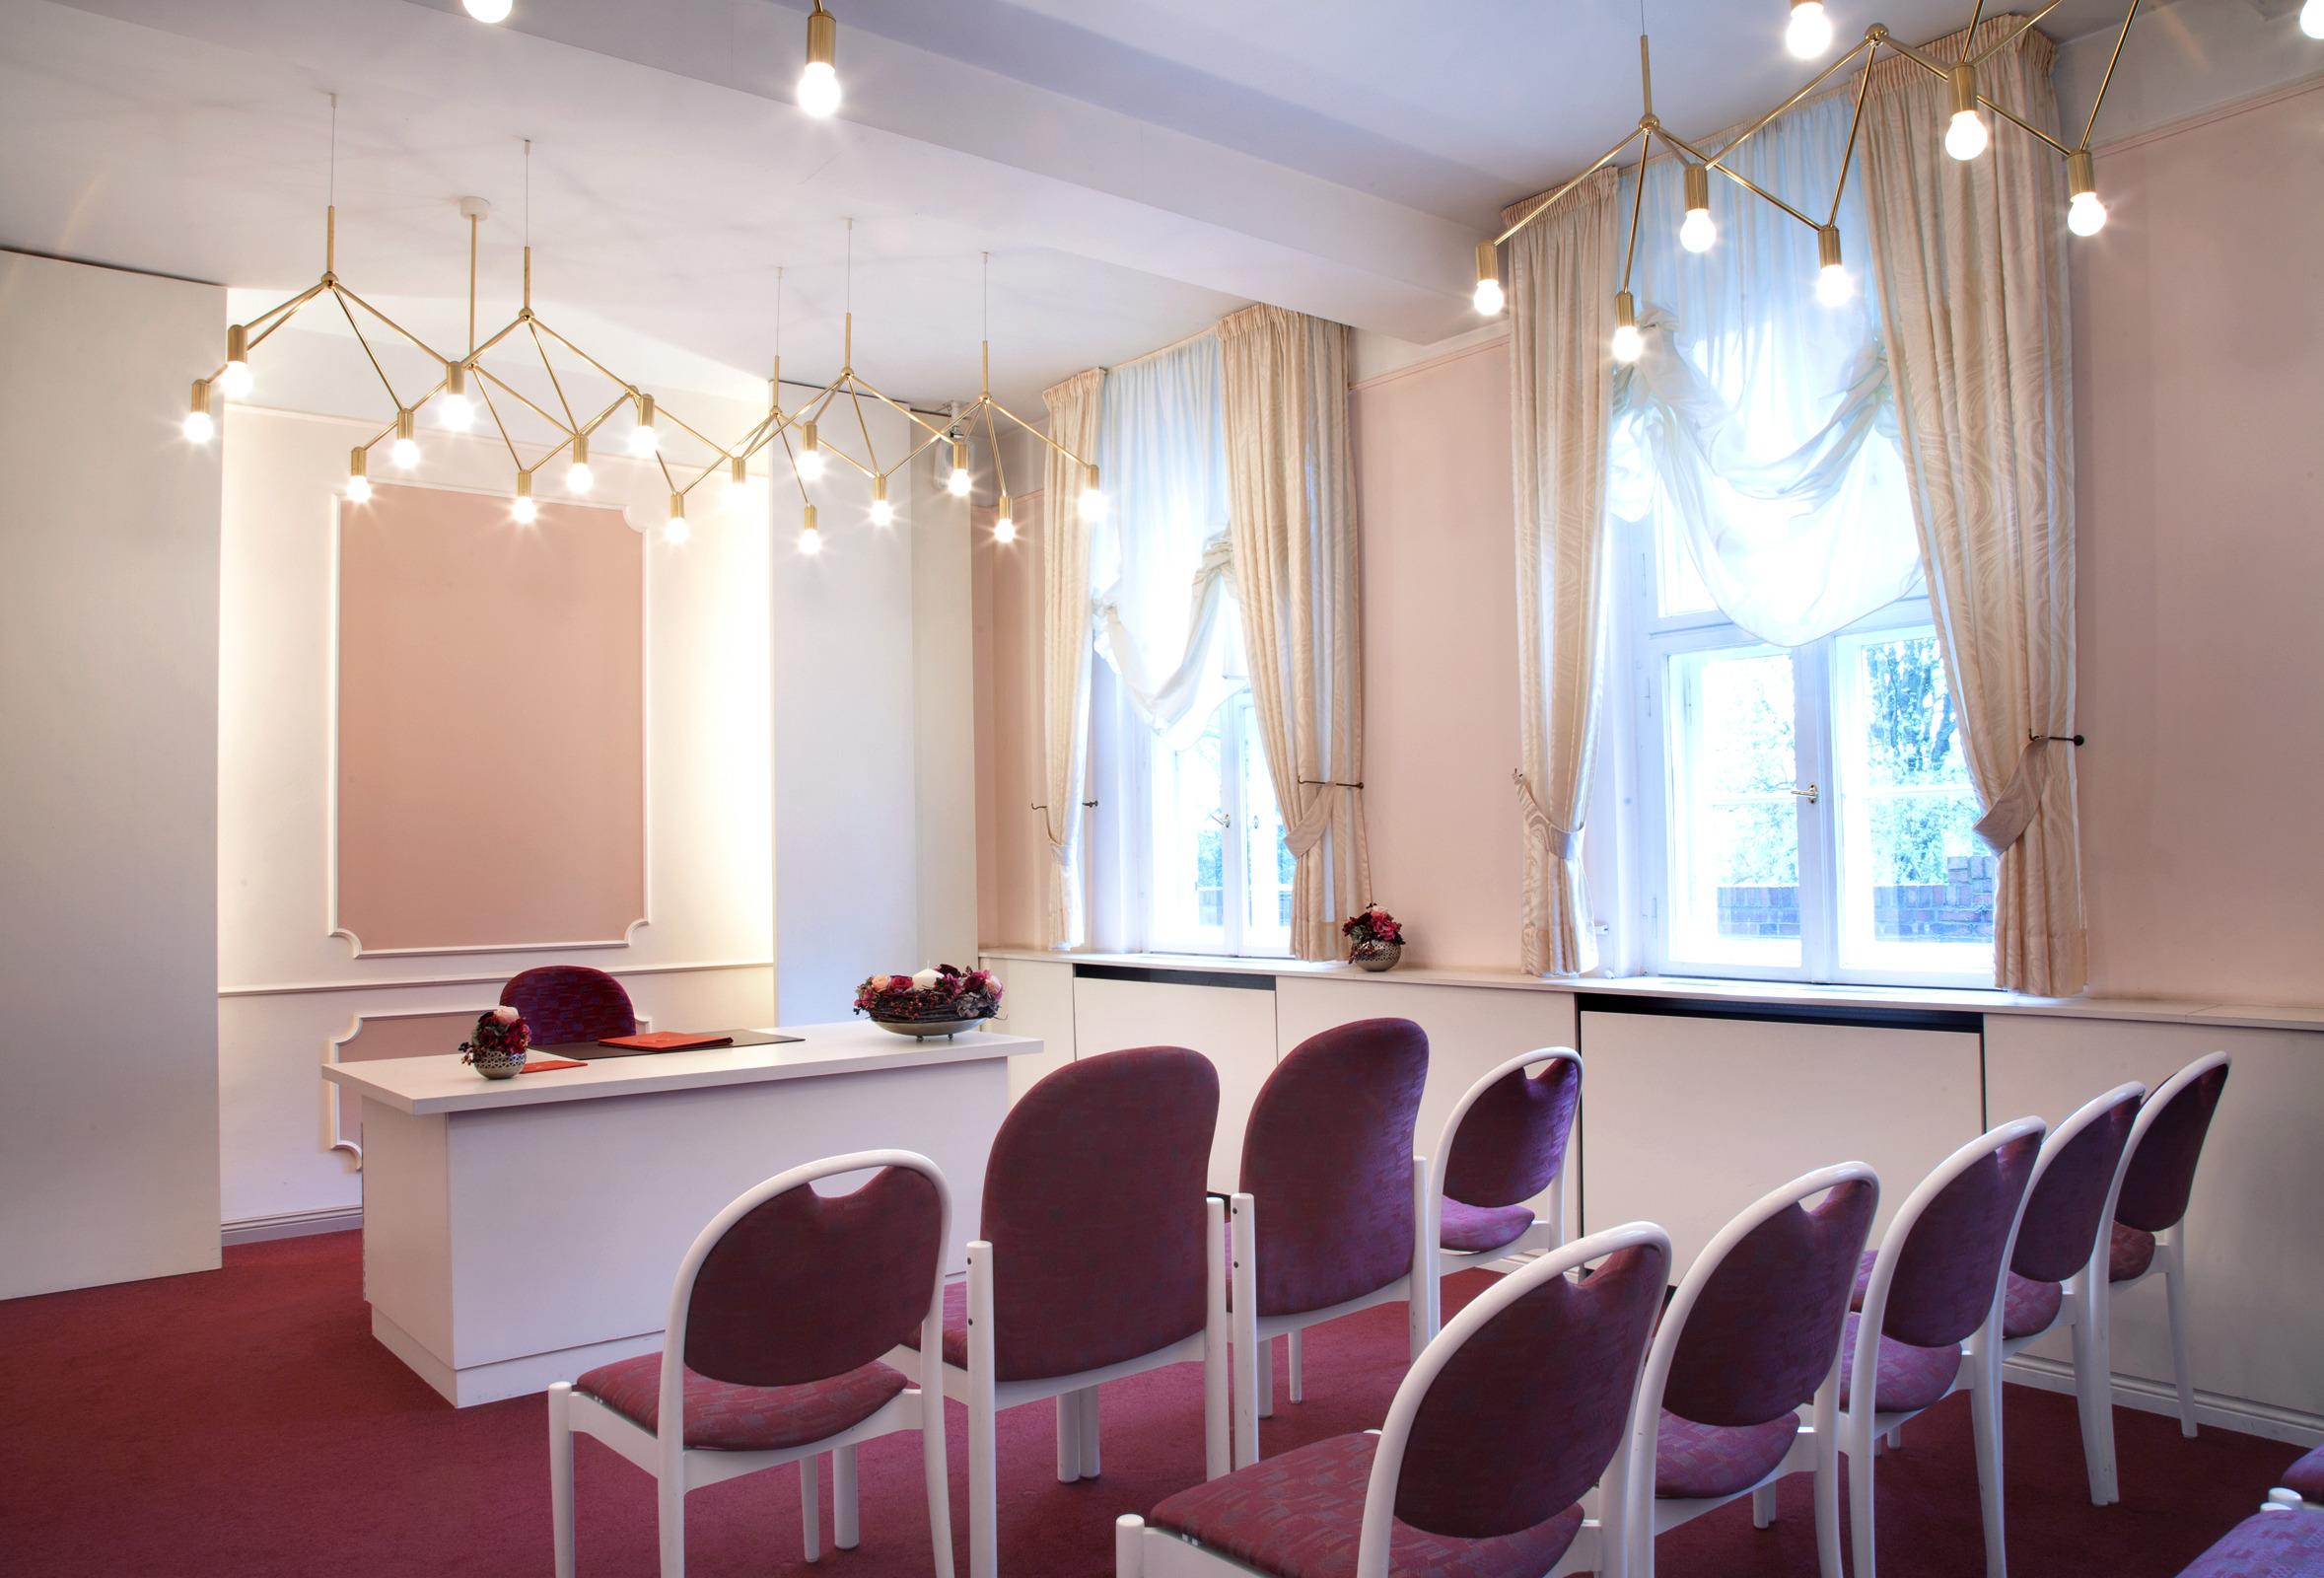 Heiraten in pankow for Standesamt dekoration hochzeit